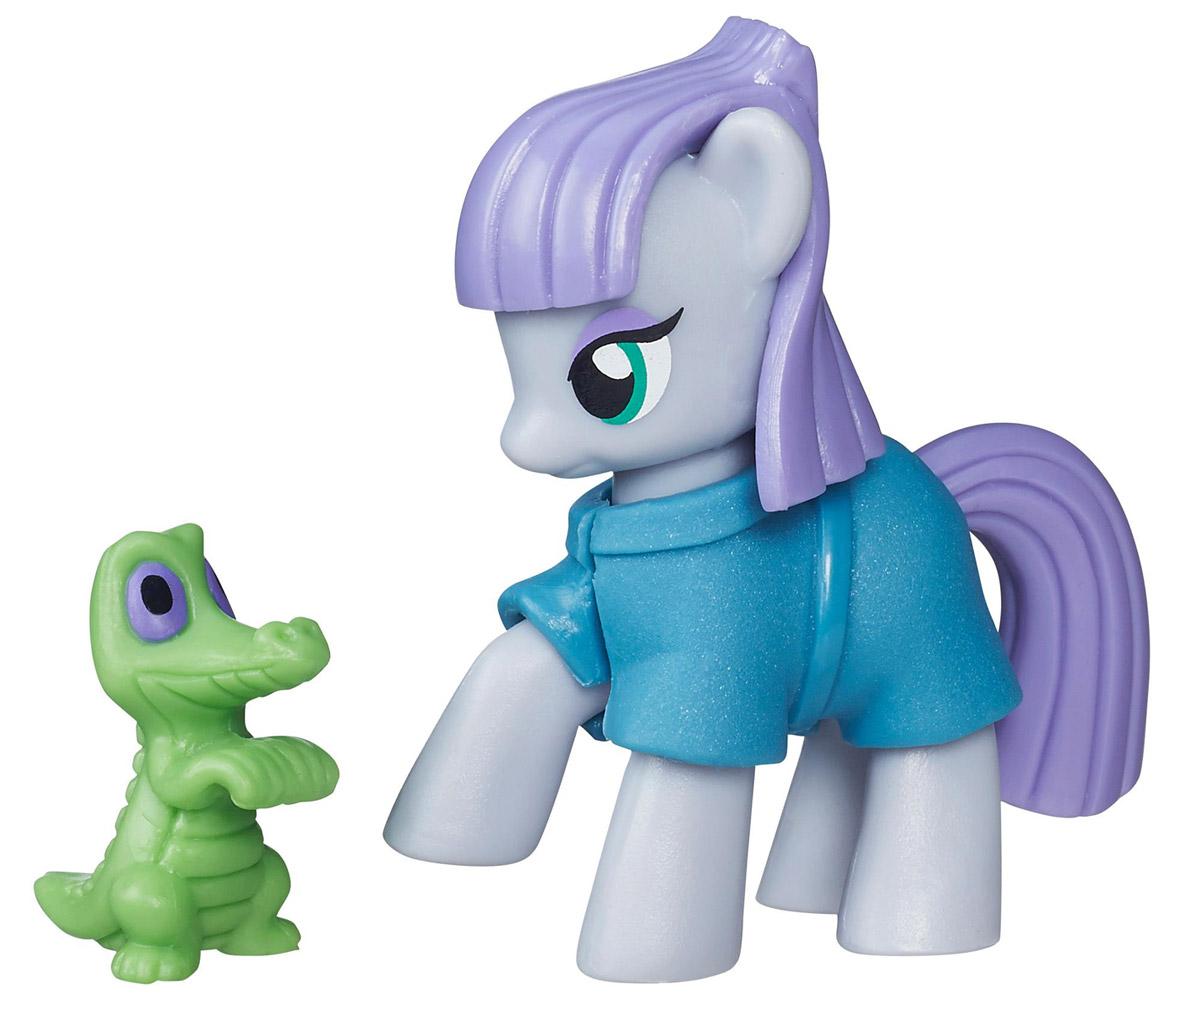 My Little Pony Набор фигурок Maud Rock PieB3595_B5383Набор фигурок My Little Pony Maud Rock Pie непременно понравится вашей малышке. Она выполнена из безопасного пластика в виде симпатичного пони, одного из главных героев мультсериала My Little Pony. Maud Rock Pie одета в свой особый наряд который соответствует её необычному внешнему виду А ещё вместе с ней её дружок аллигатор Гамми, который готов к совместным приключениям! Каждый день с пони Maud Rock Pie становится волшебным! Все элементы наряда съемные. Игры с My Little Pony способствуют развитию у ребенка фантазии и любознательности, помогут овладеть навыками общения, воспитают чувство ответственности и заботы. Благодаря маленькому размеру фигурки ребенок сможет взять ее с собой на прогулку или в гости. Порадуйте свою малышку таким замечательным подарком!